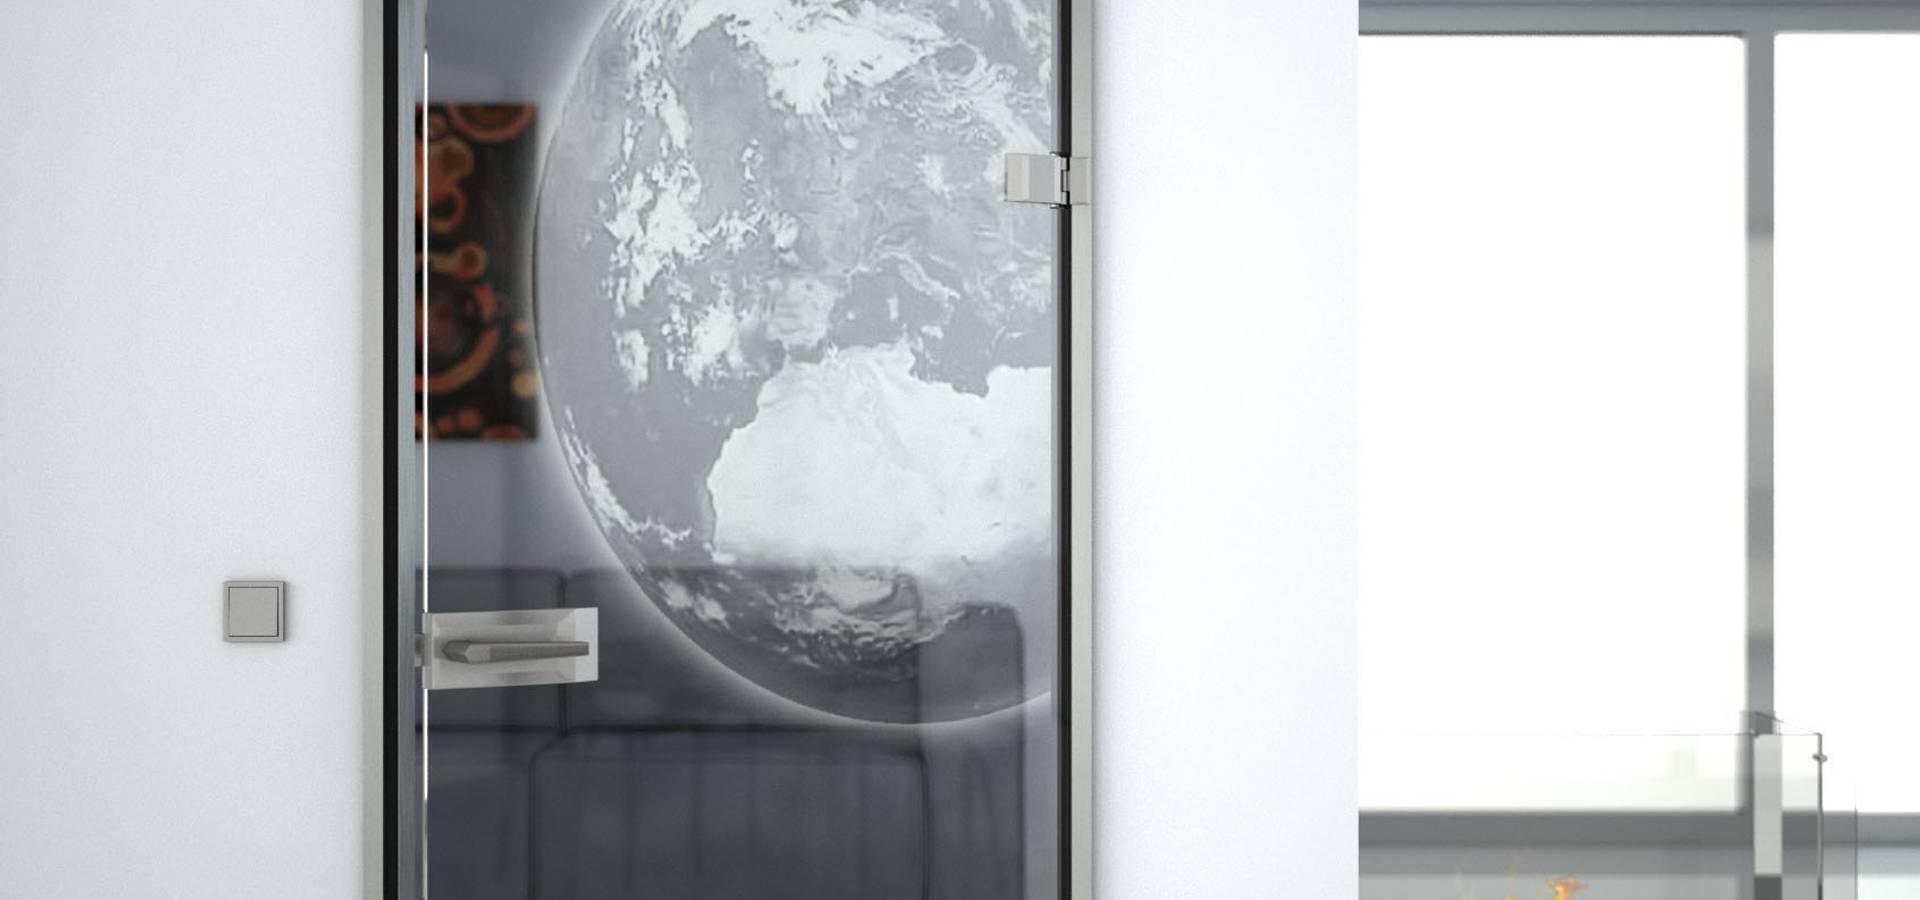 Spiegel Für Dachschrä spiegel für dachschrä lionidas design gmbh homify